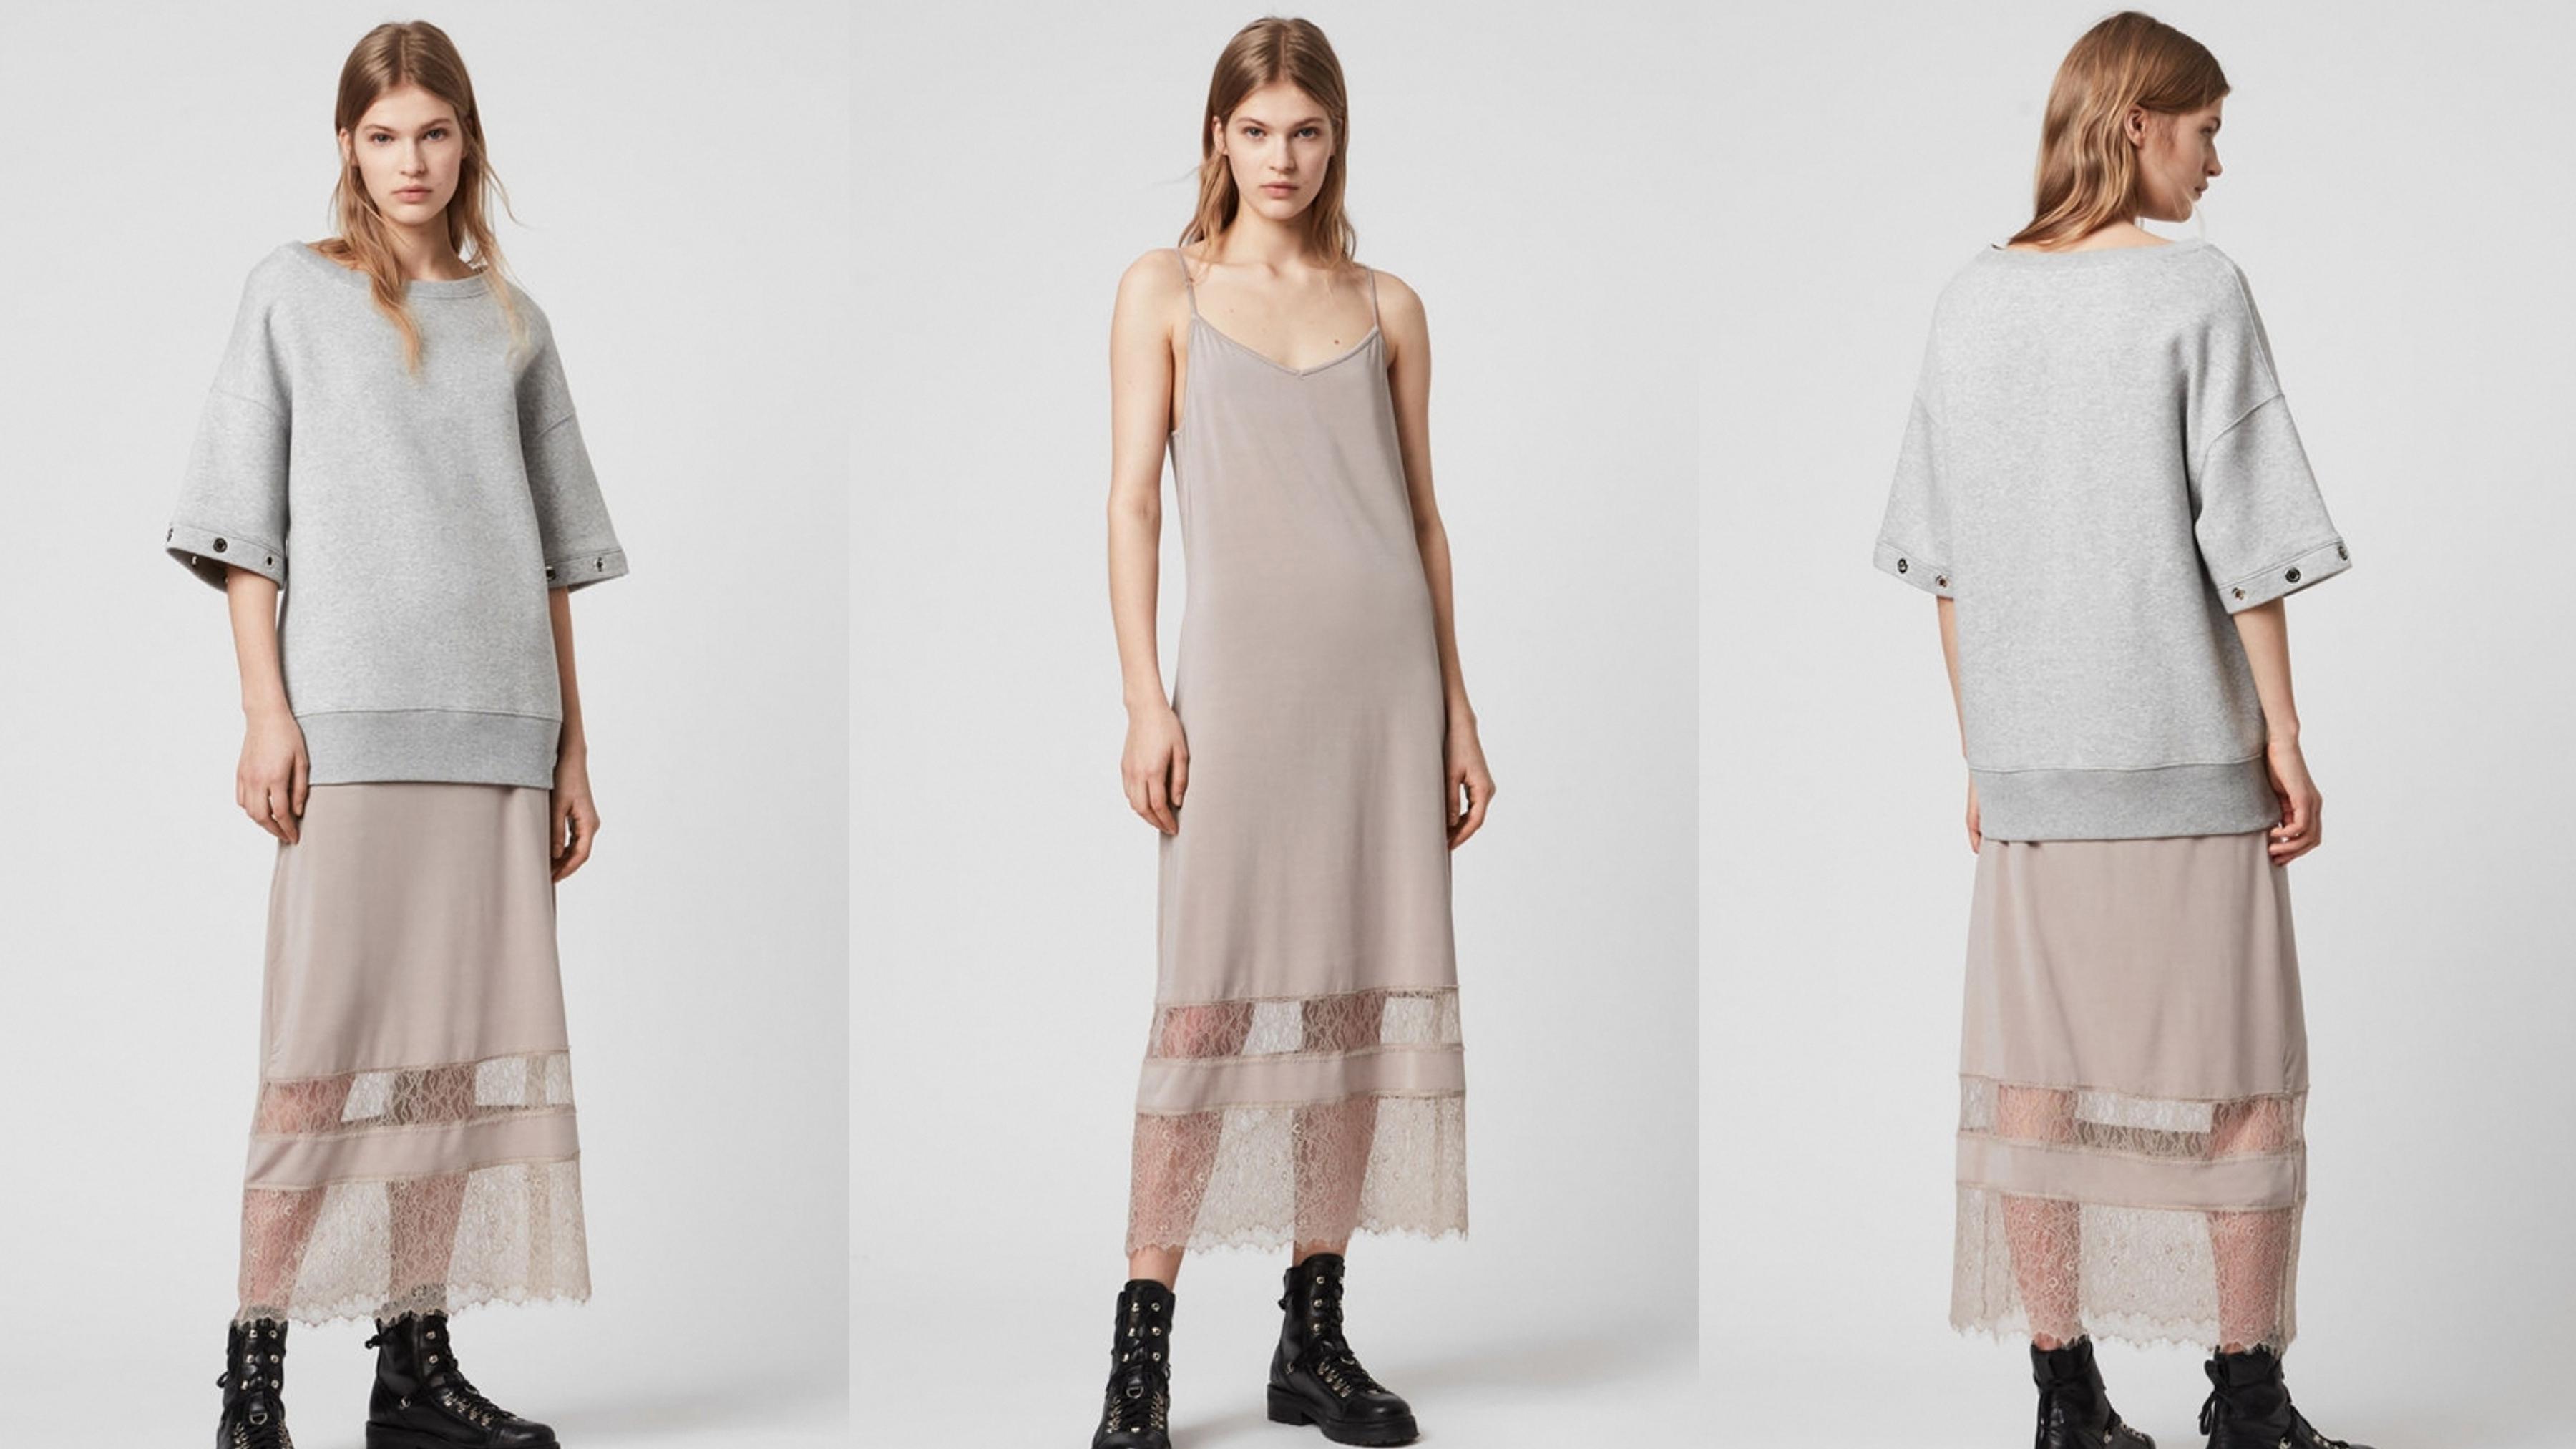 兩件式蕾絲連身裙採兩件式造型,可單穿也可混搭